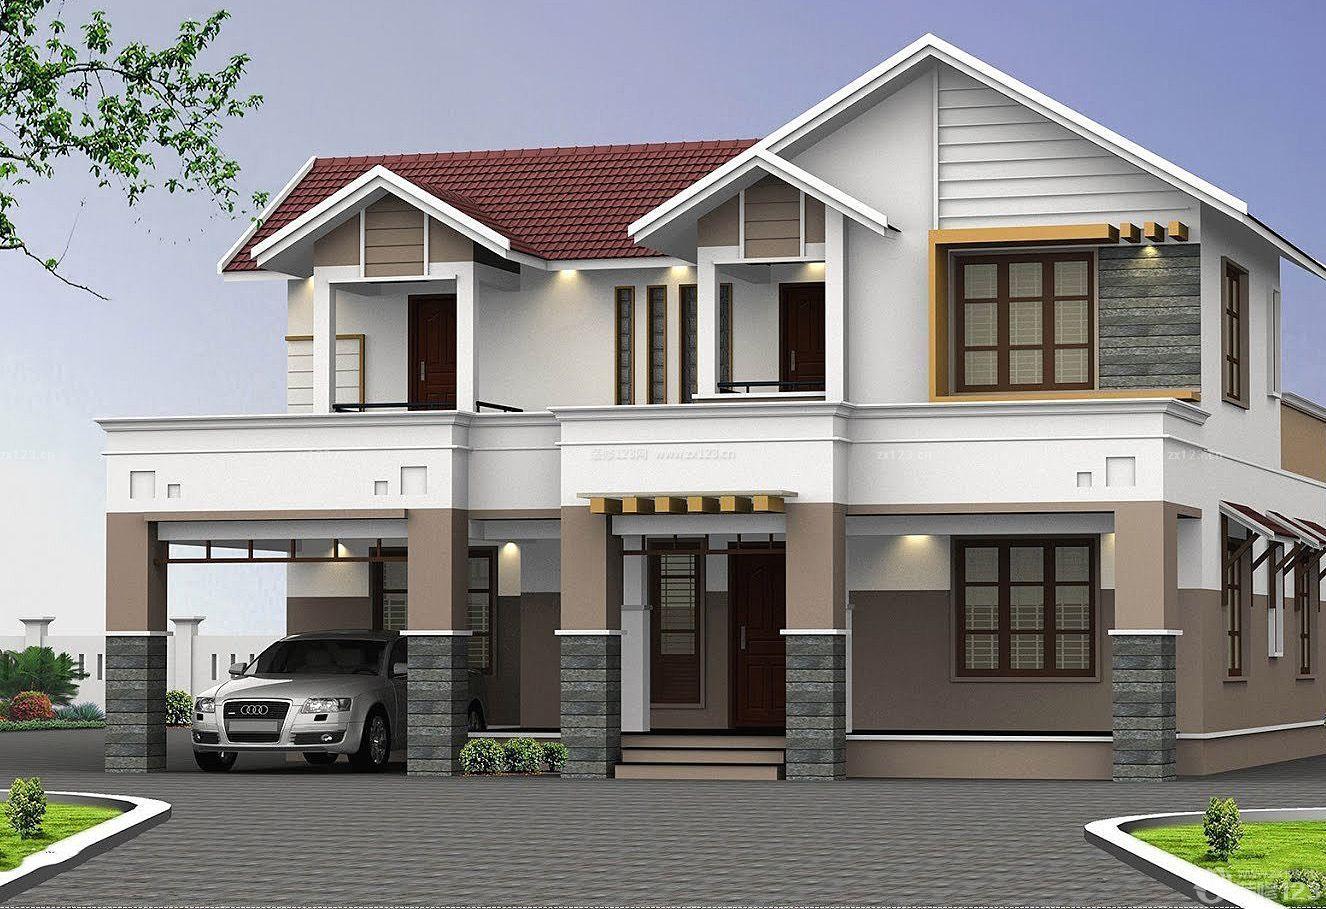 小美式风格乡村别墅建筑外观设计图片_装修123效果图